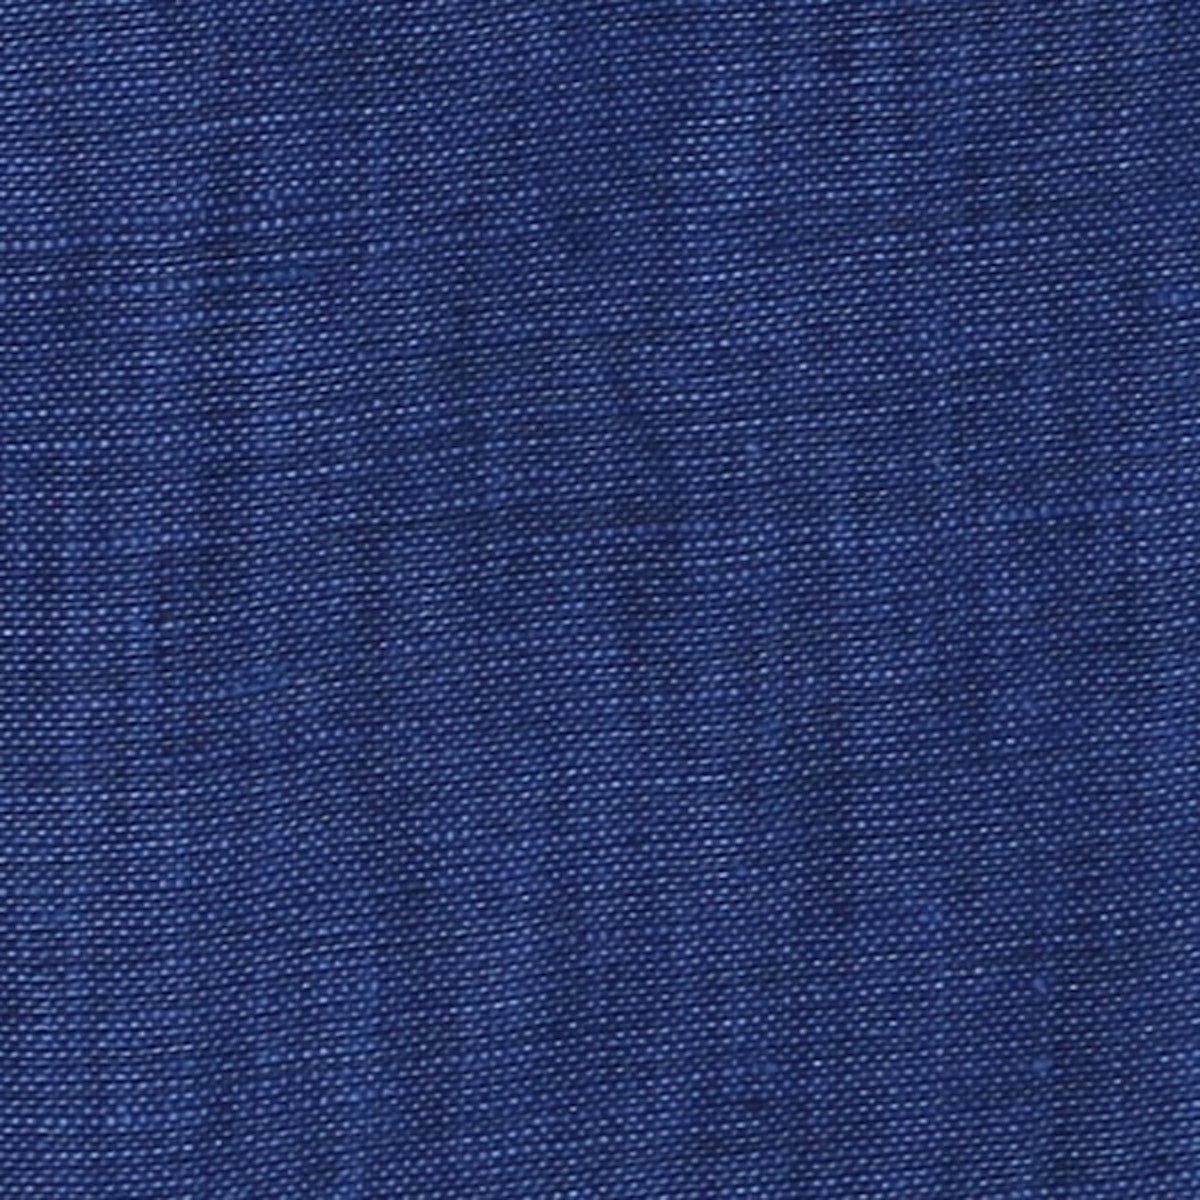 InStitchu Shirt Fabric 4983